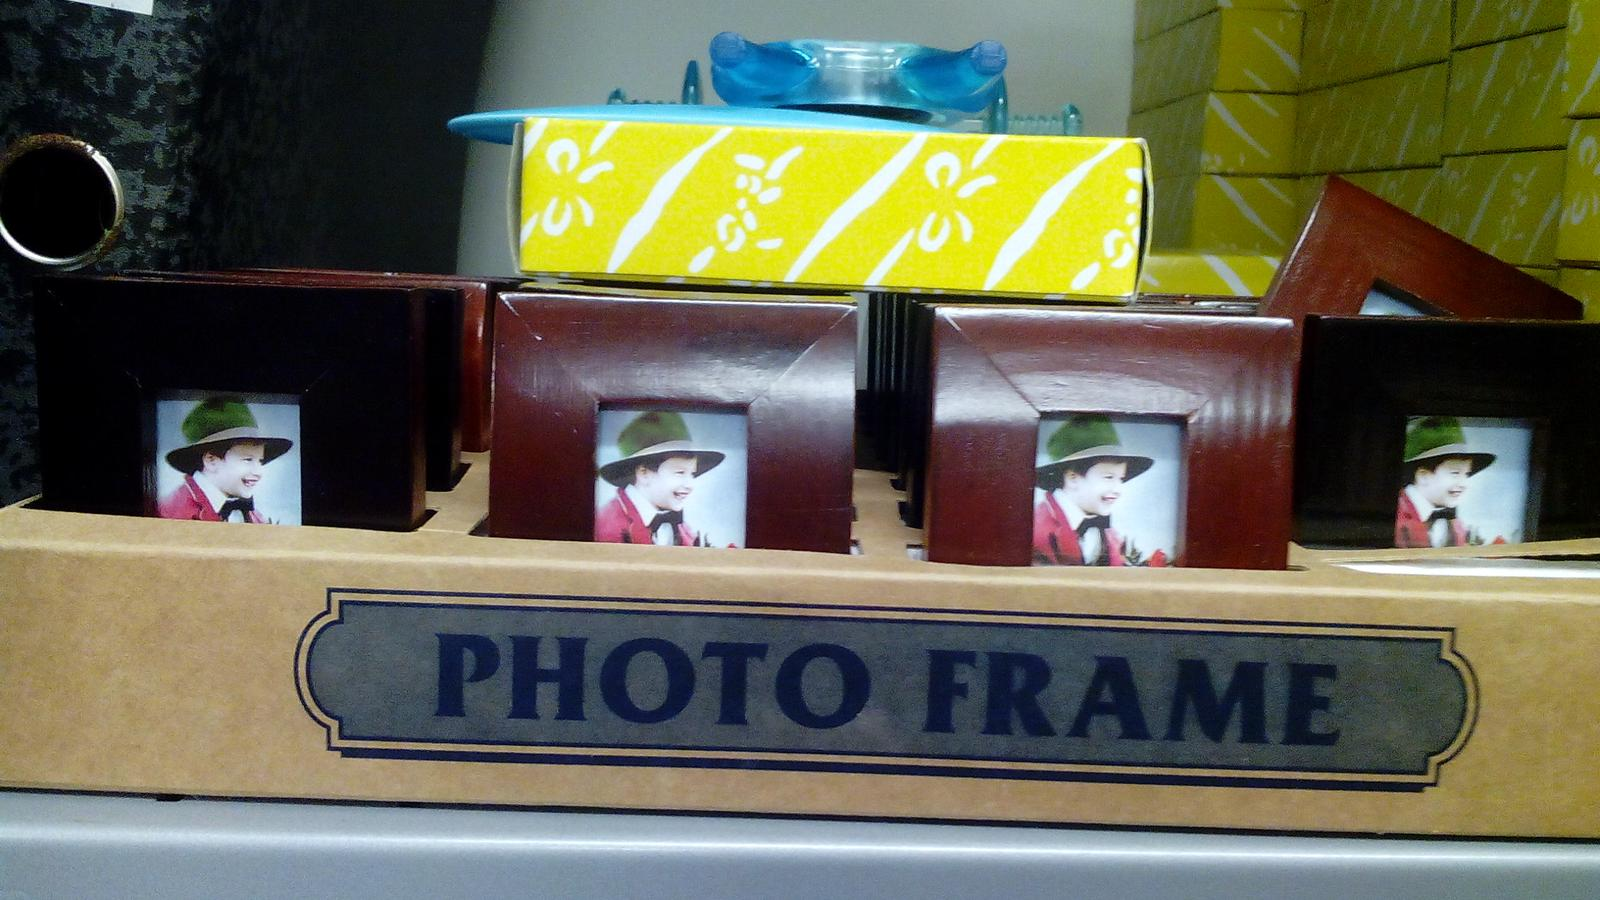 Kráľovstvo gombíkov (a aj všetkého iného) - Skutoční drevené fotorámiky rozmer cca 6x3cm za 0,50€